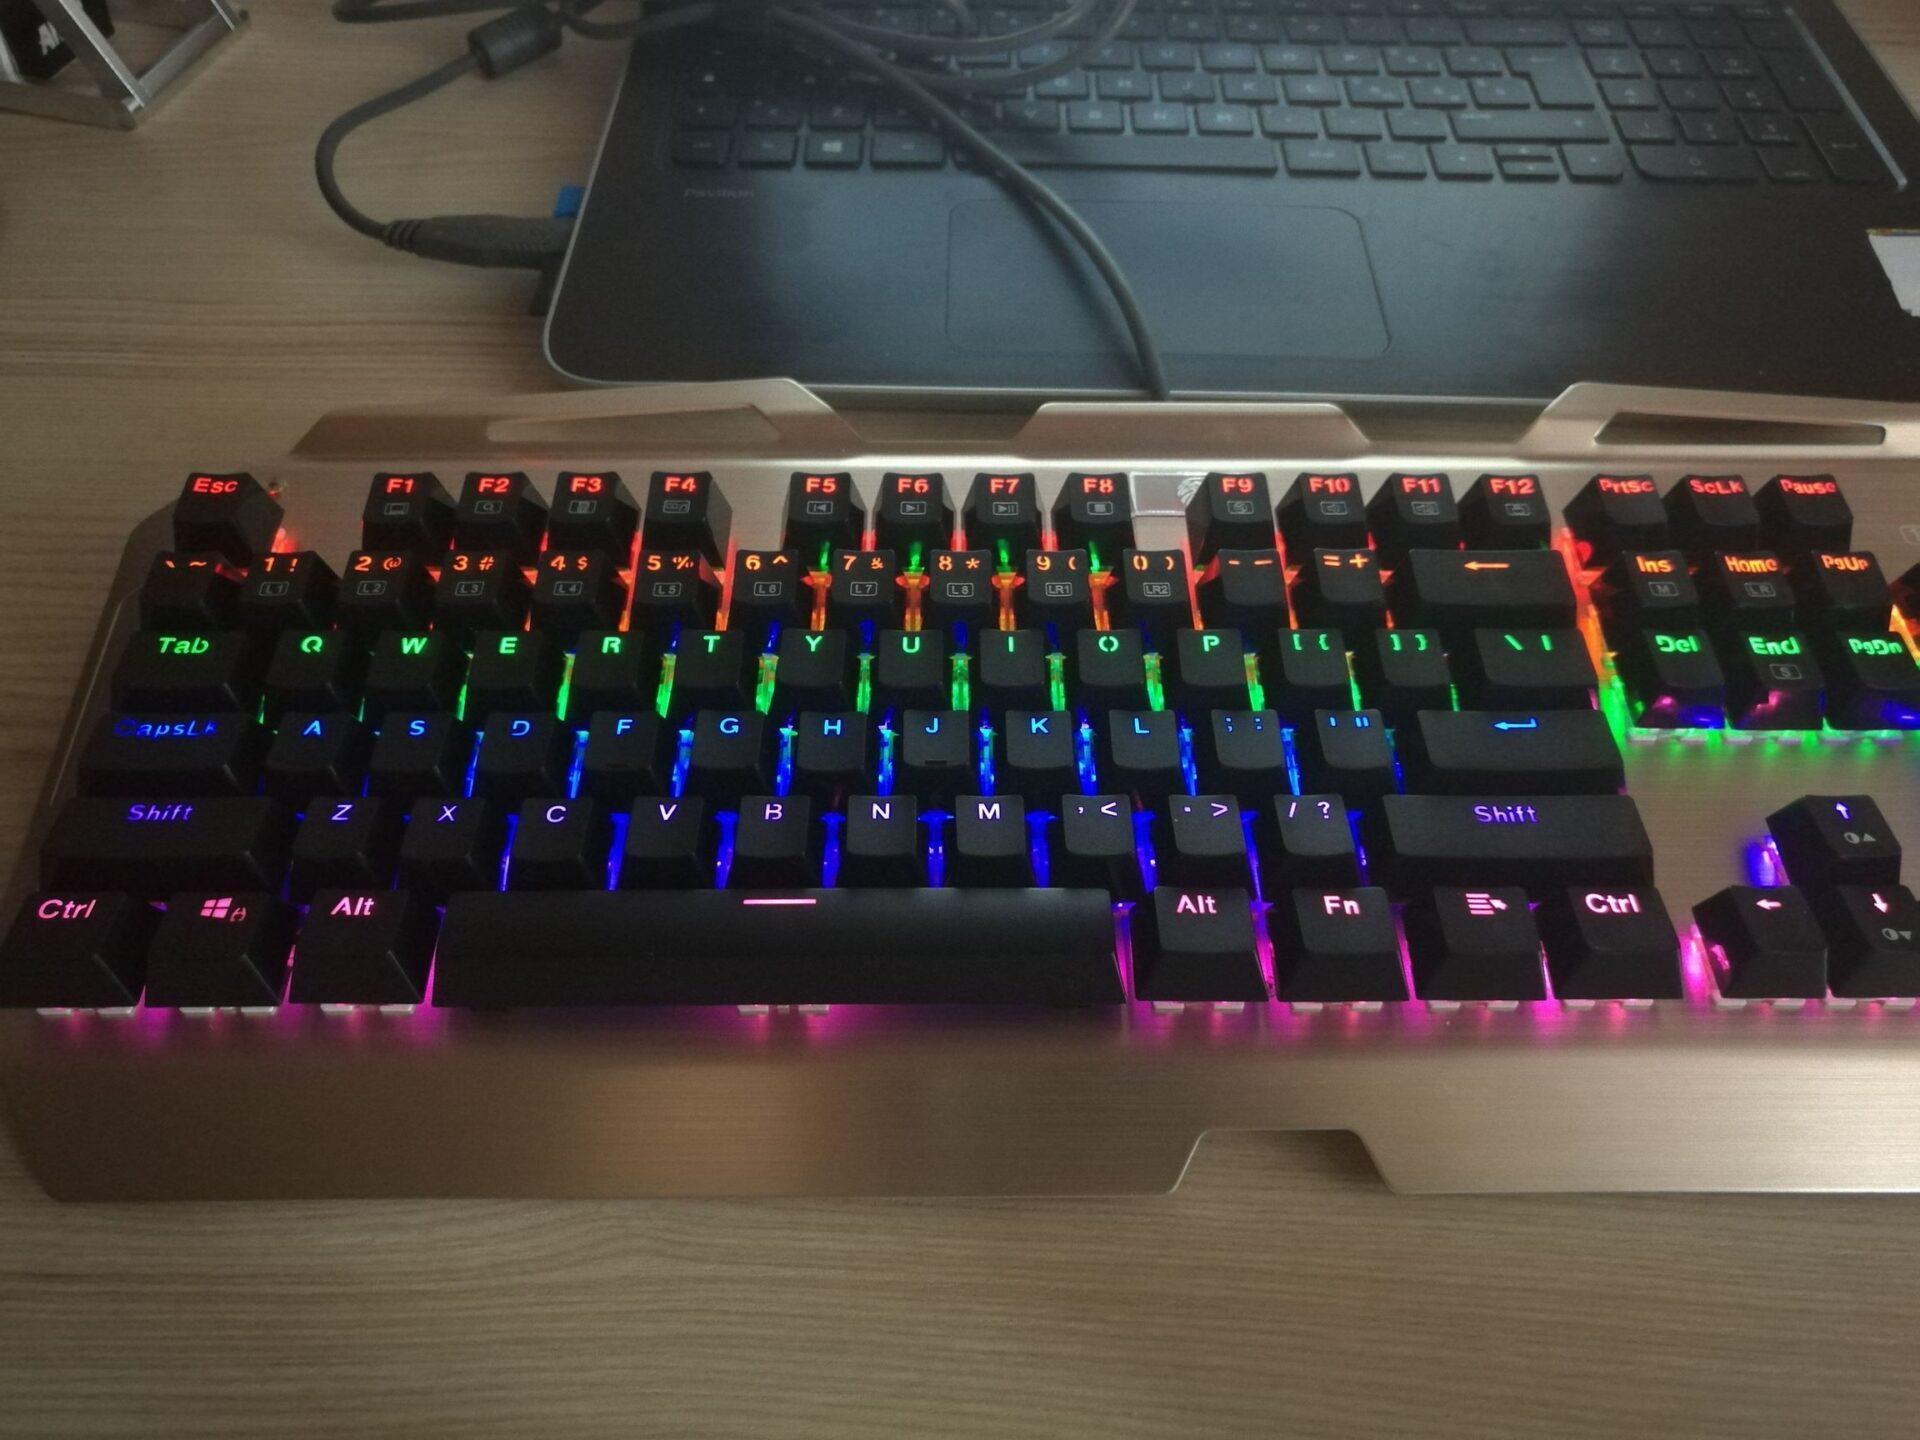 La mia recensione di Tastiera Meccanica Gaming KingTop